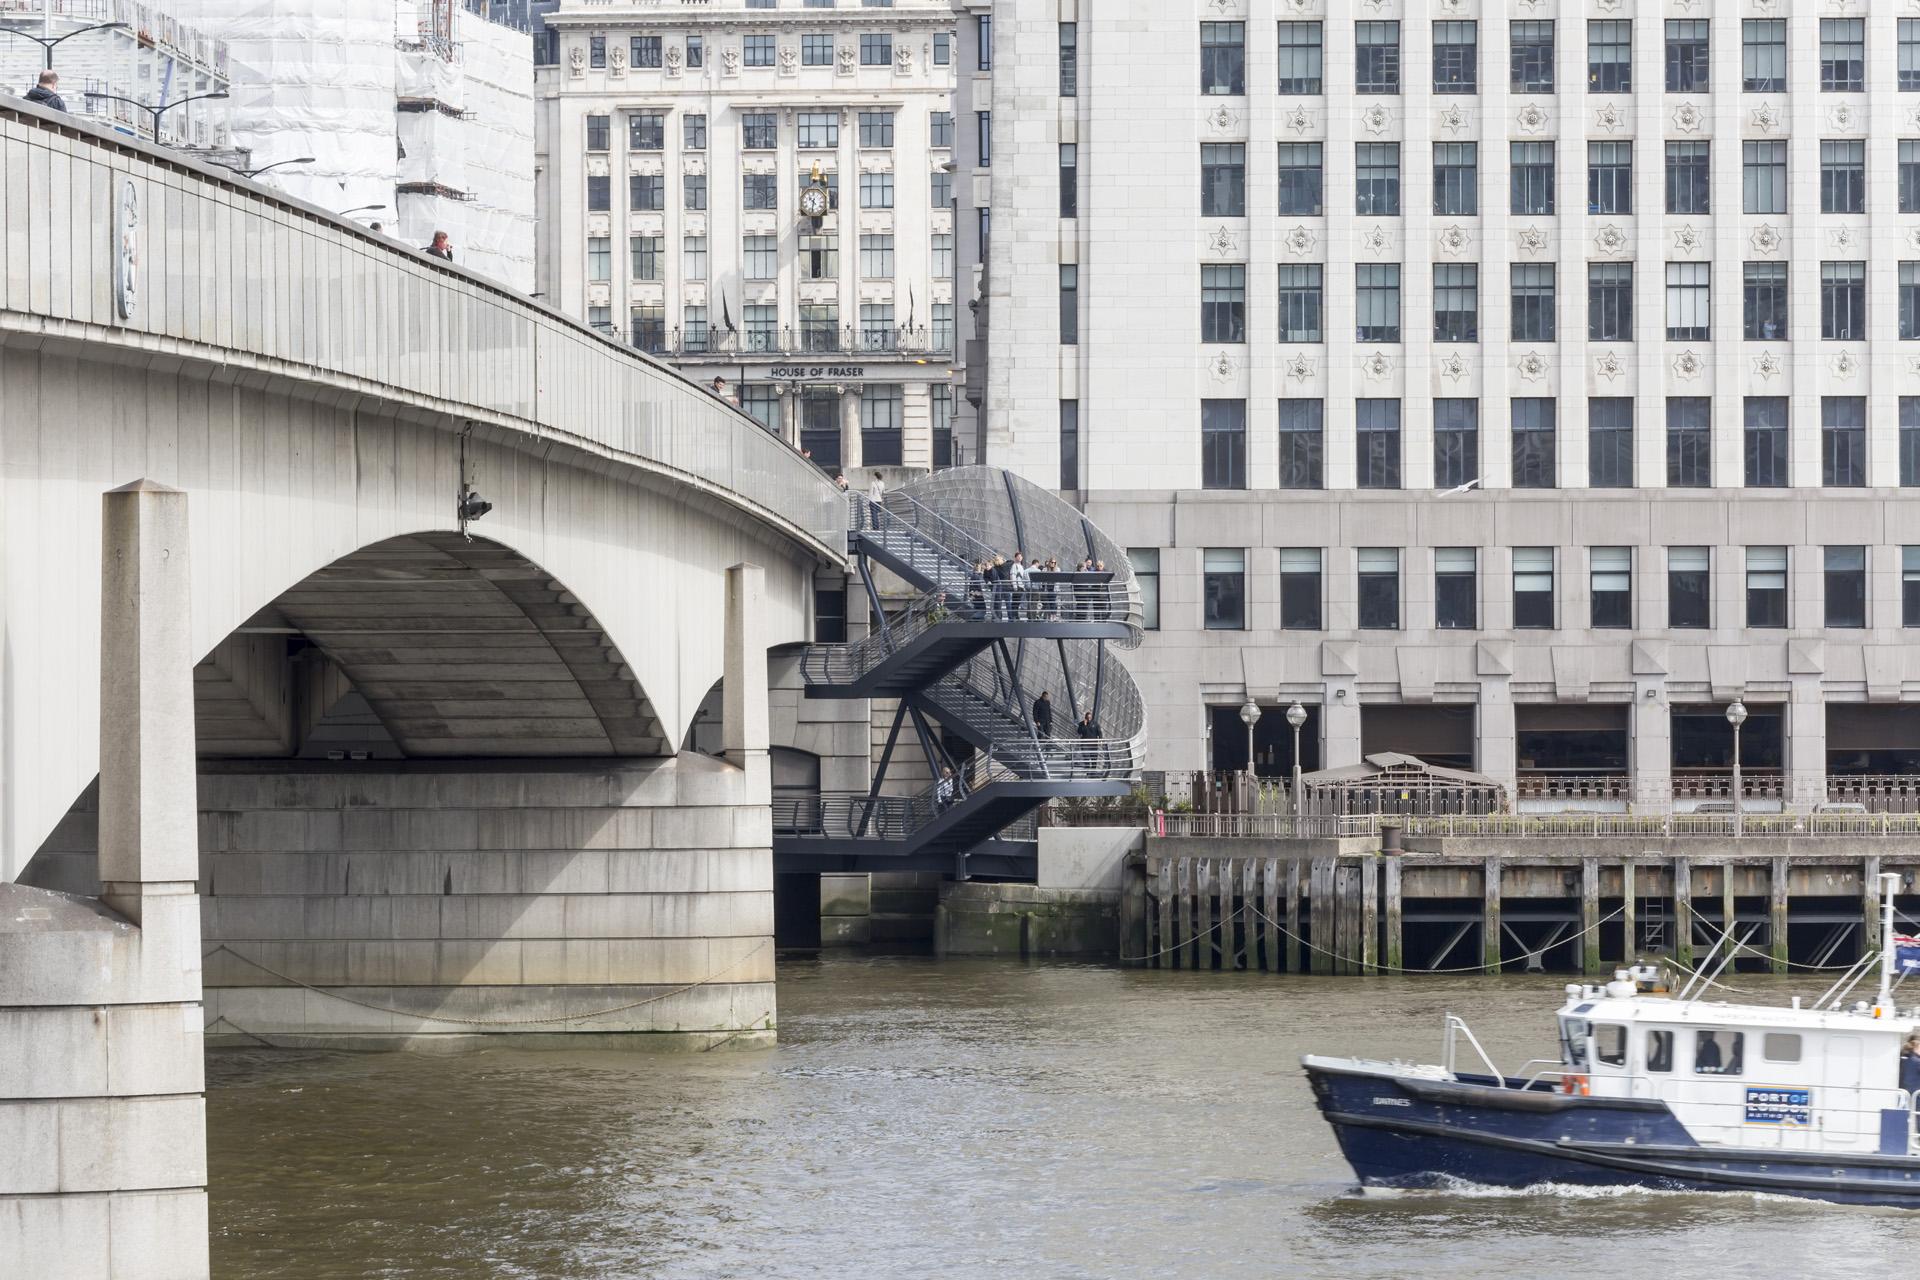 london bridge staircase 02